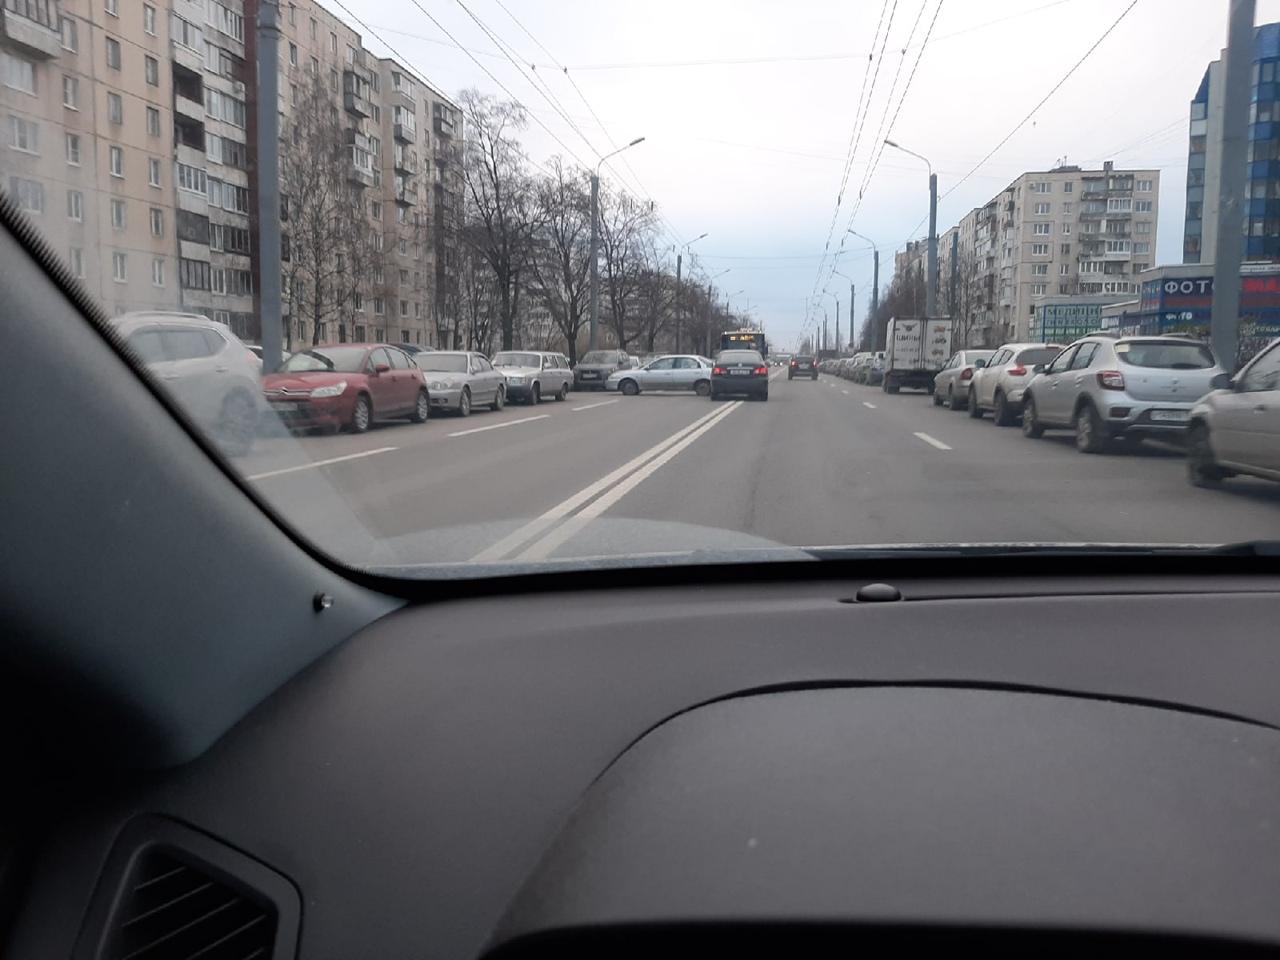 Перед перекрёстком Олеко Дундича и Будапештской, при въезде во дворы дома 110/23, столкнулись двое. ...